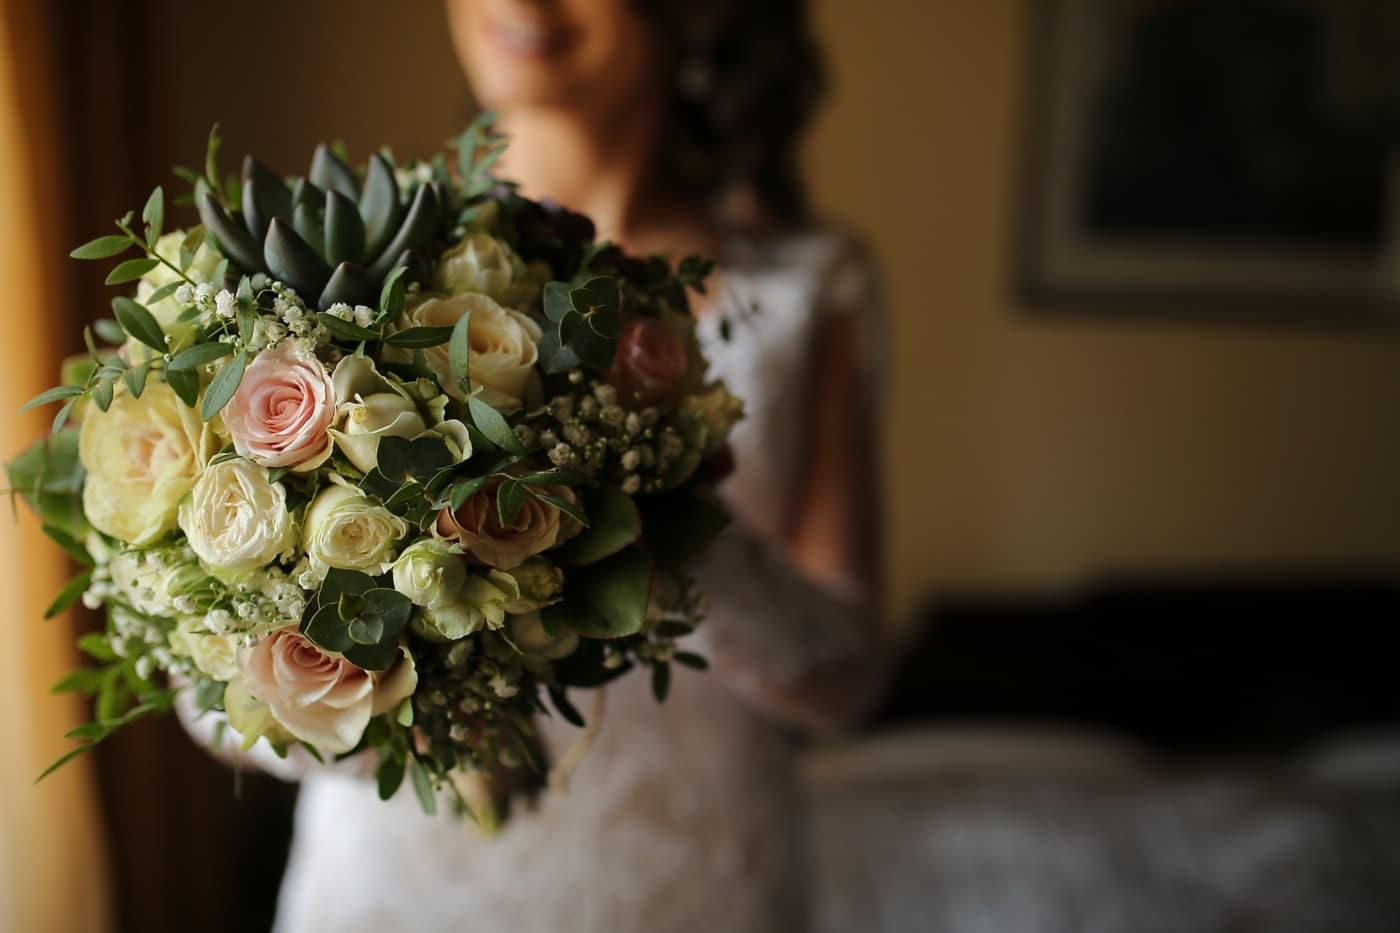 bruden, holde, bryllup bukett, ordningen, blomst, bryllup, bukett, steg, kjærlighet, dekorasjon